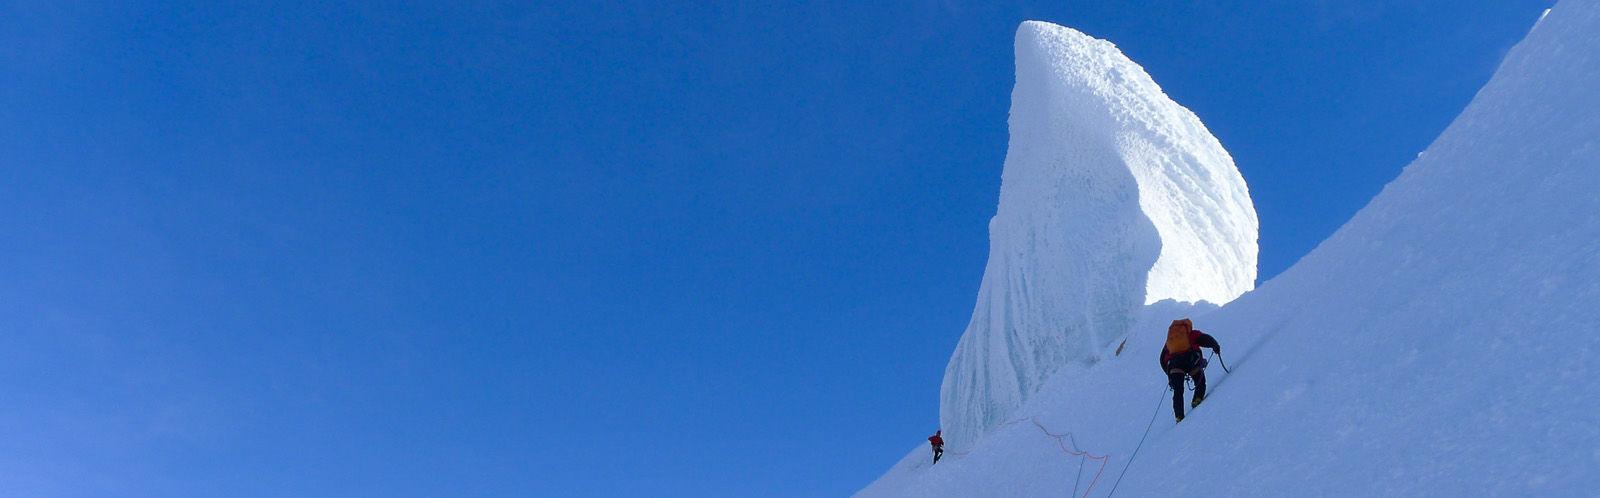 Robert Caspersen in Patagonia